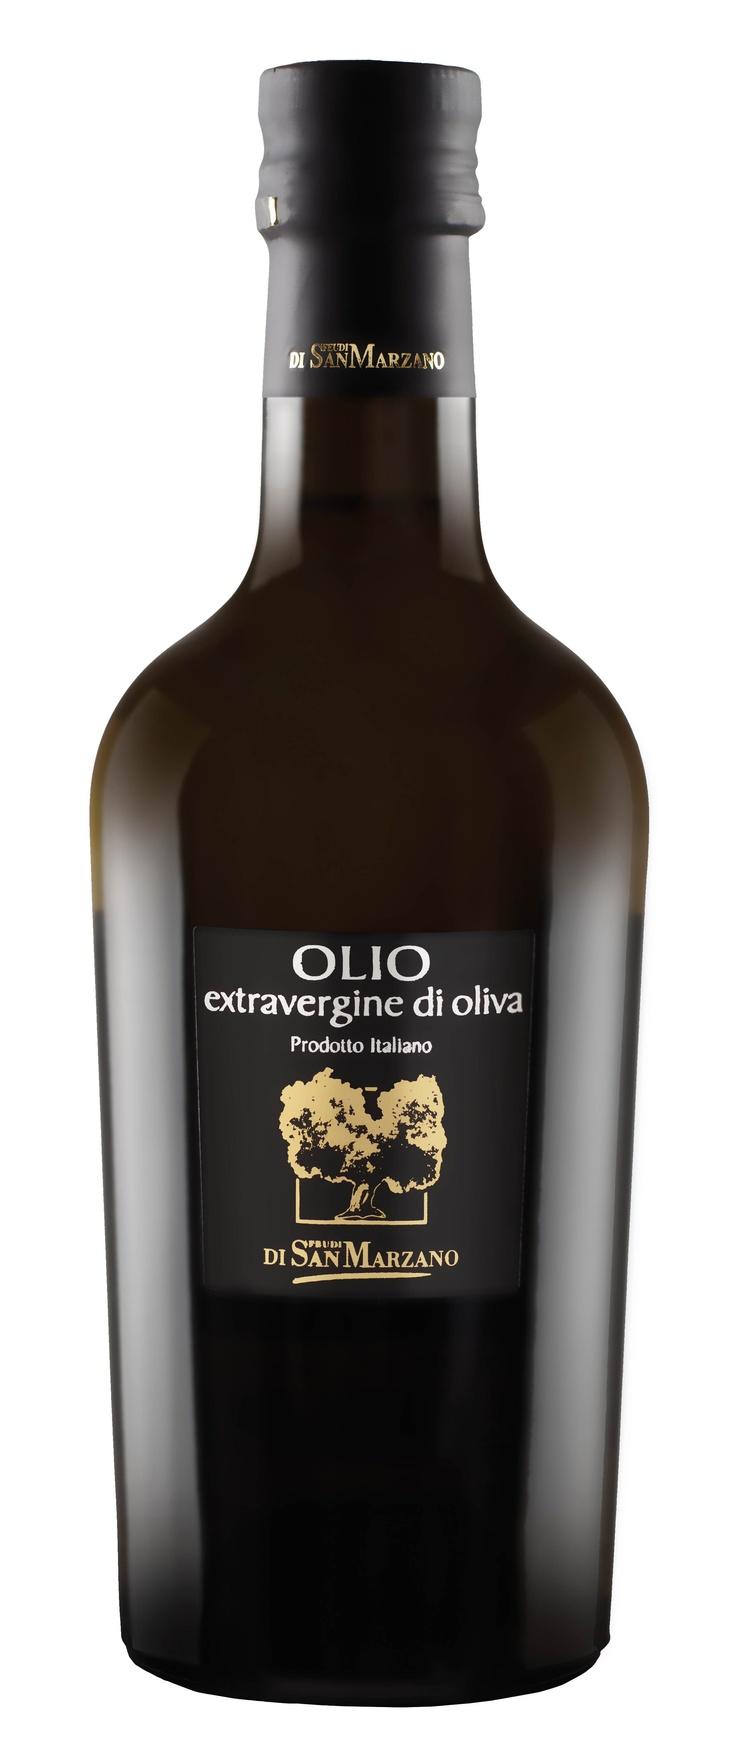 Olio extra vergine di oliva  www.lovingpuglia.it